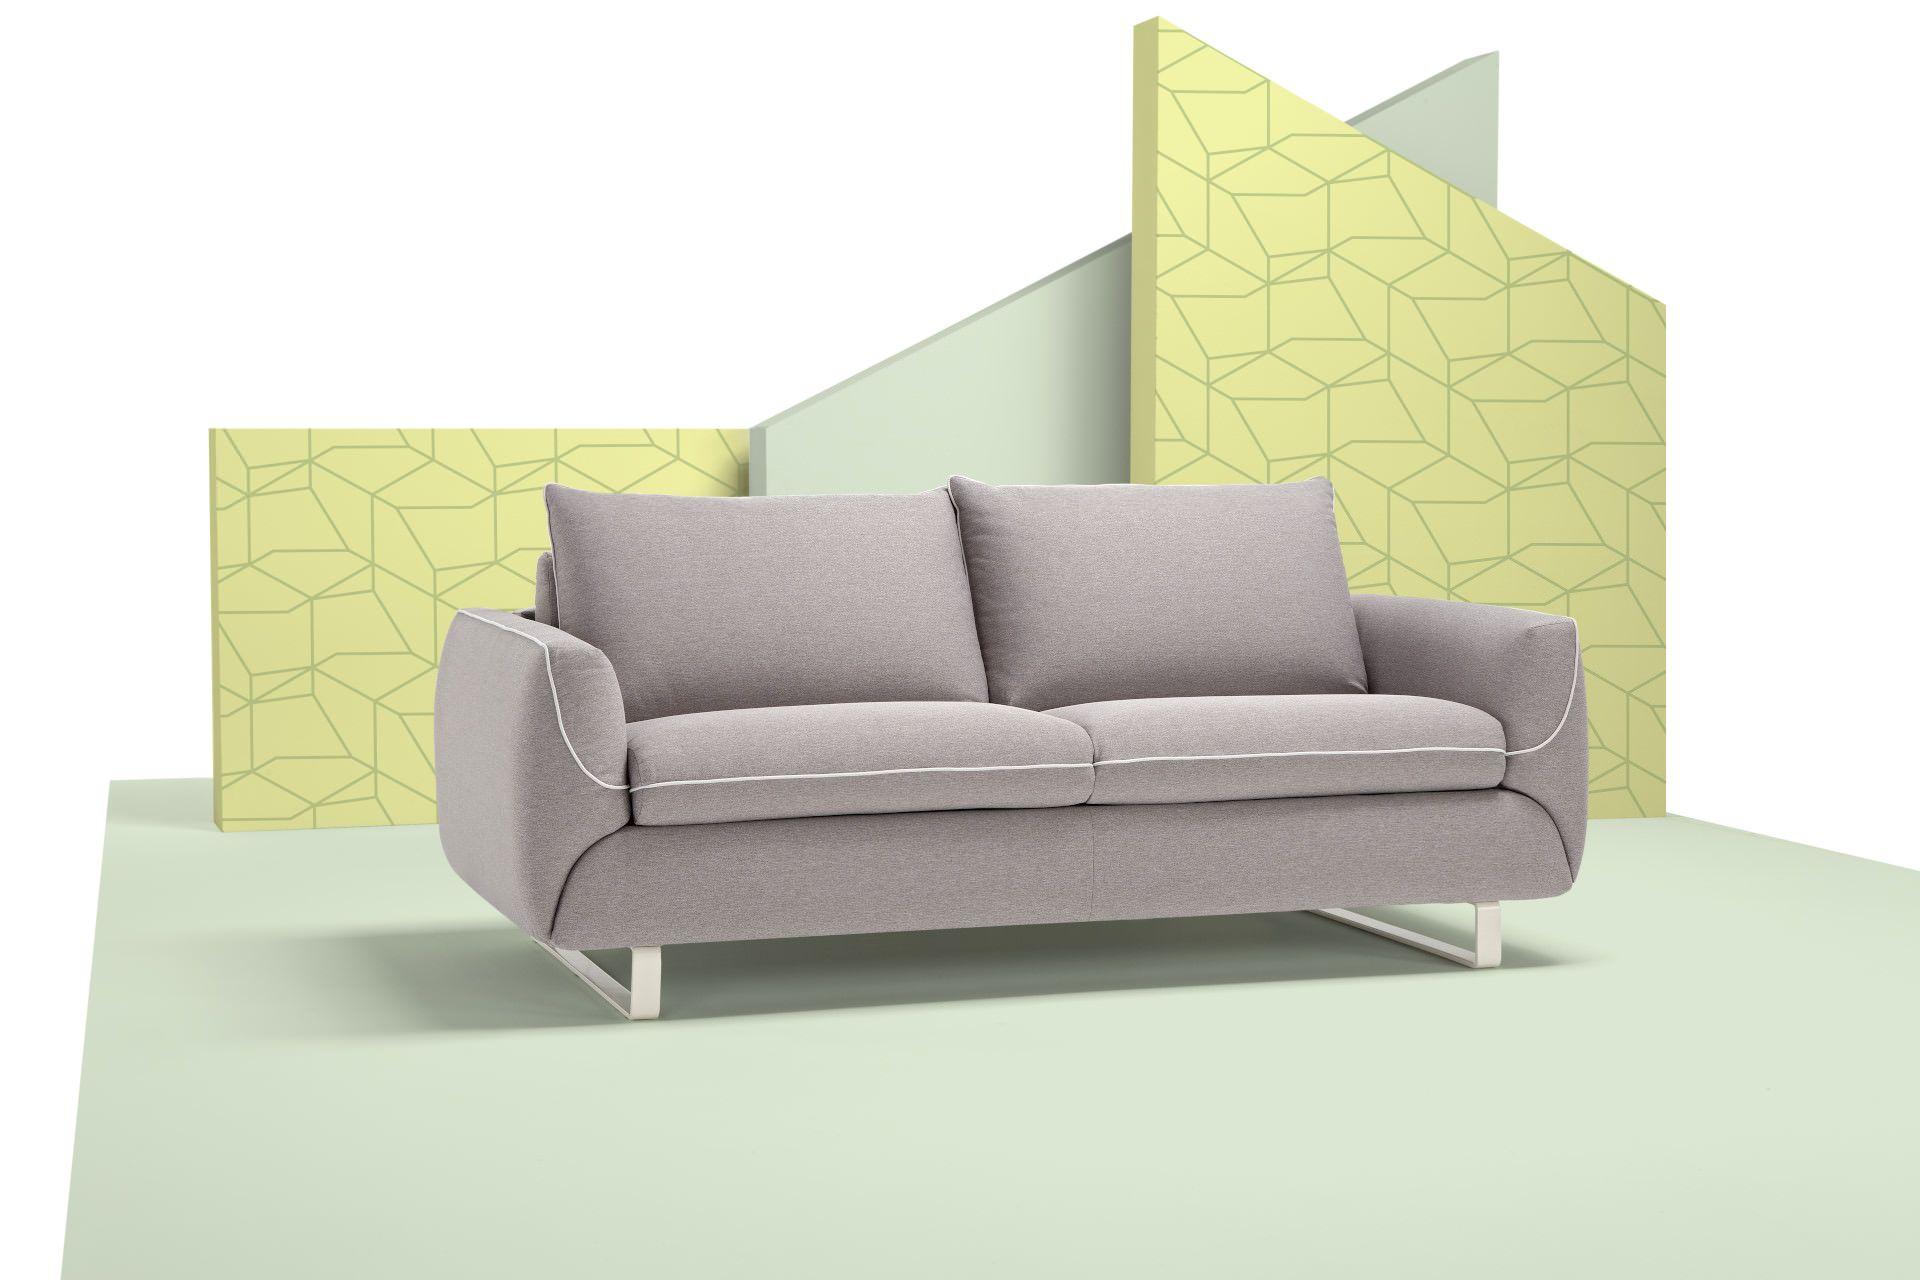 Küchen-designmöbel der alleskönner mit integrierter matratze  tagsüber bequem sitzen